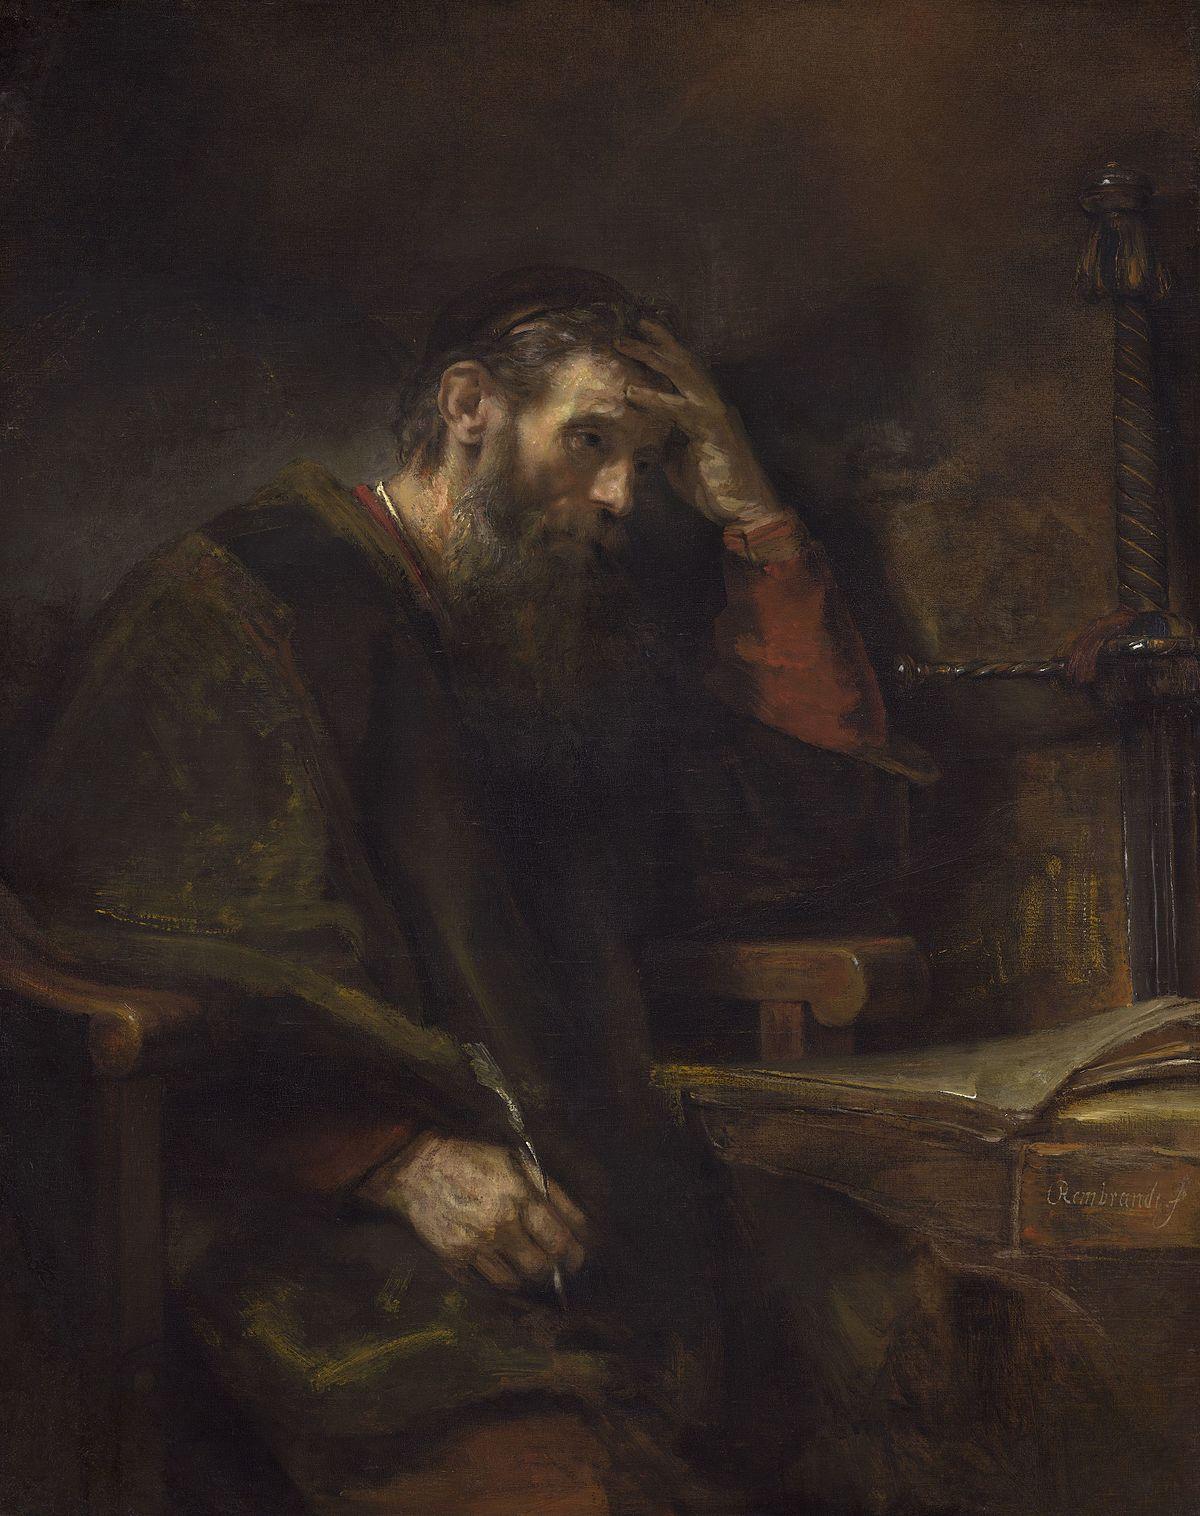 Apostle - Wikipedia